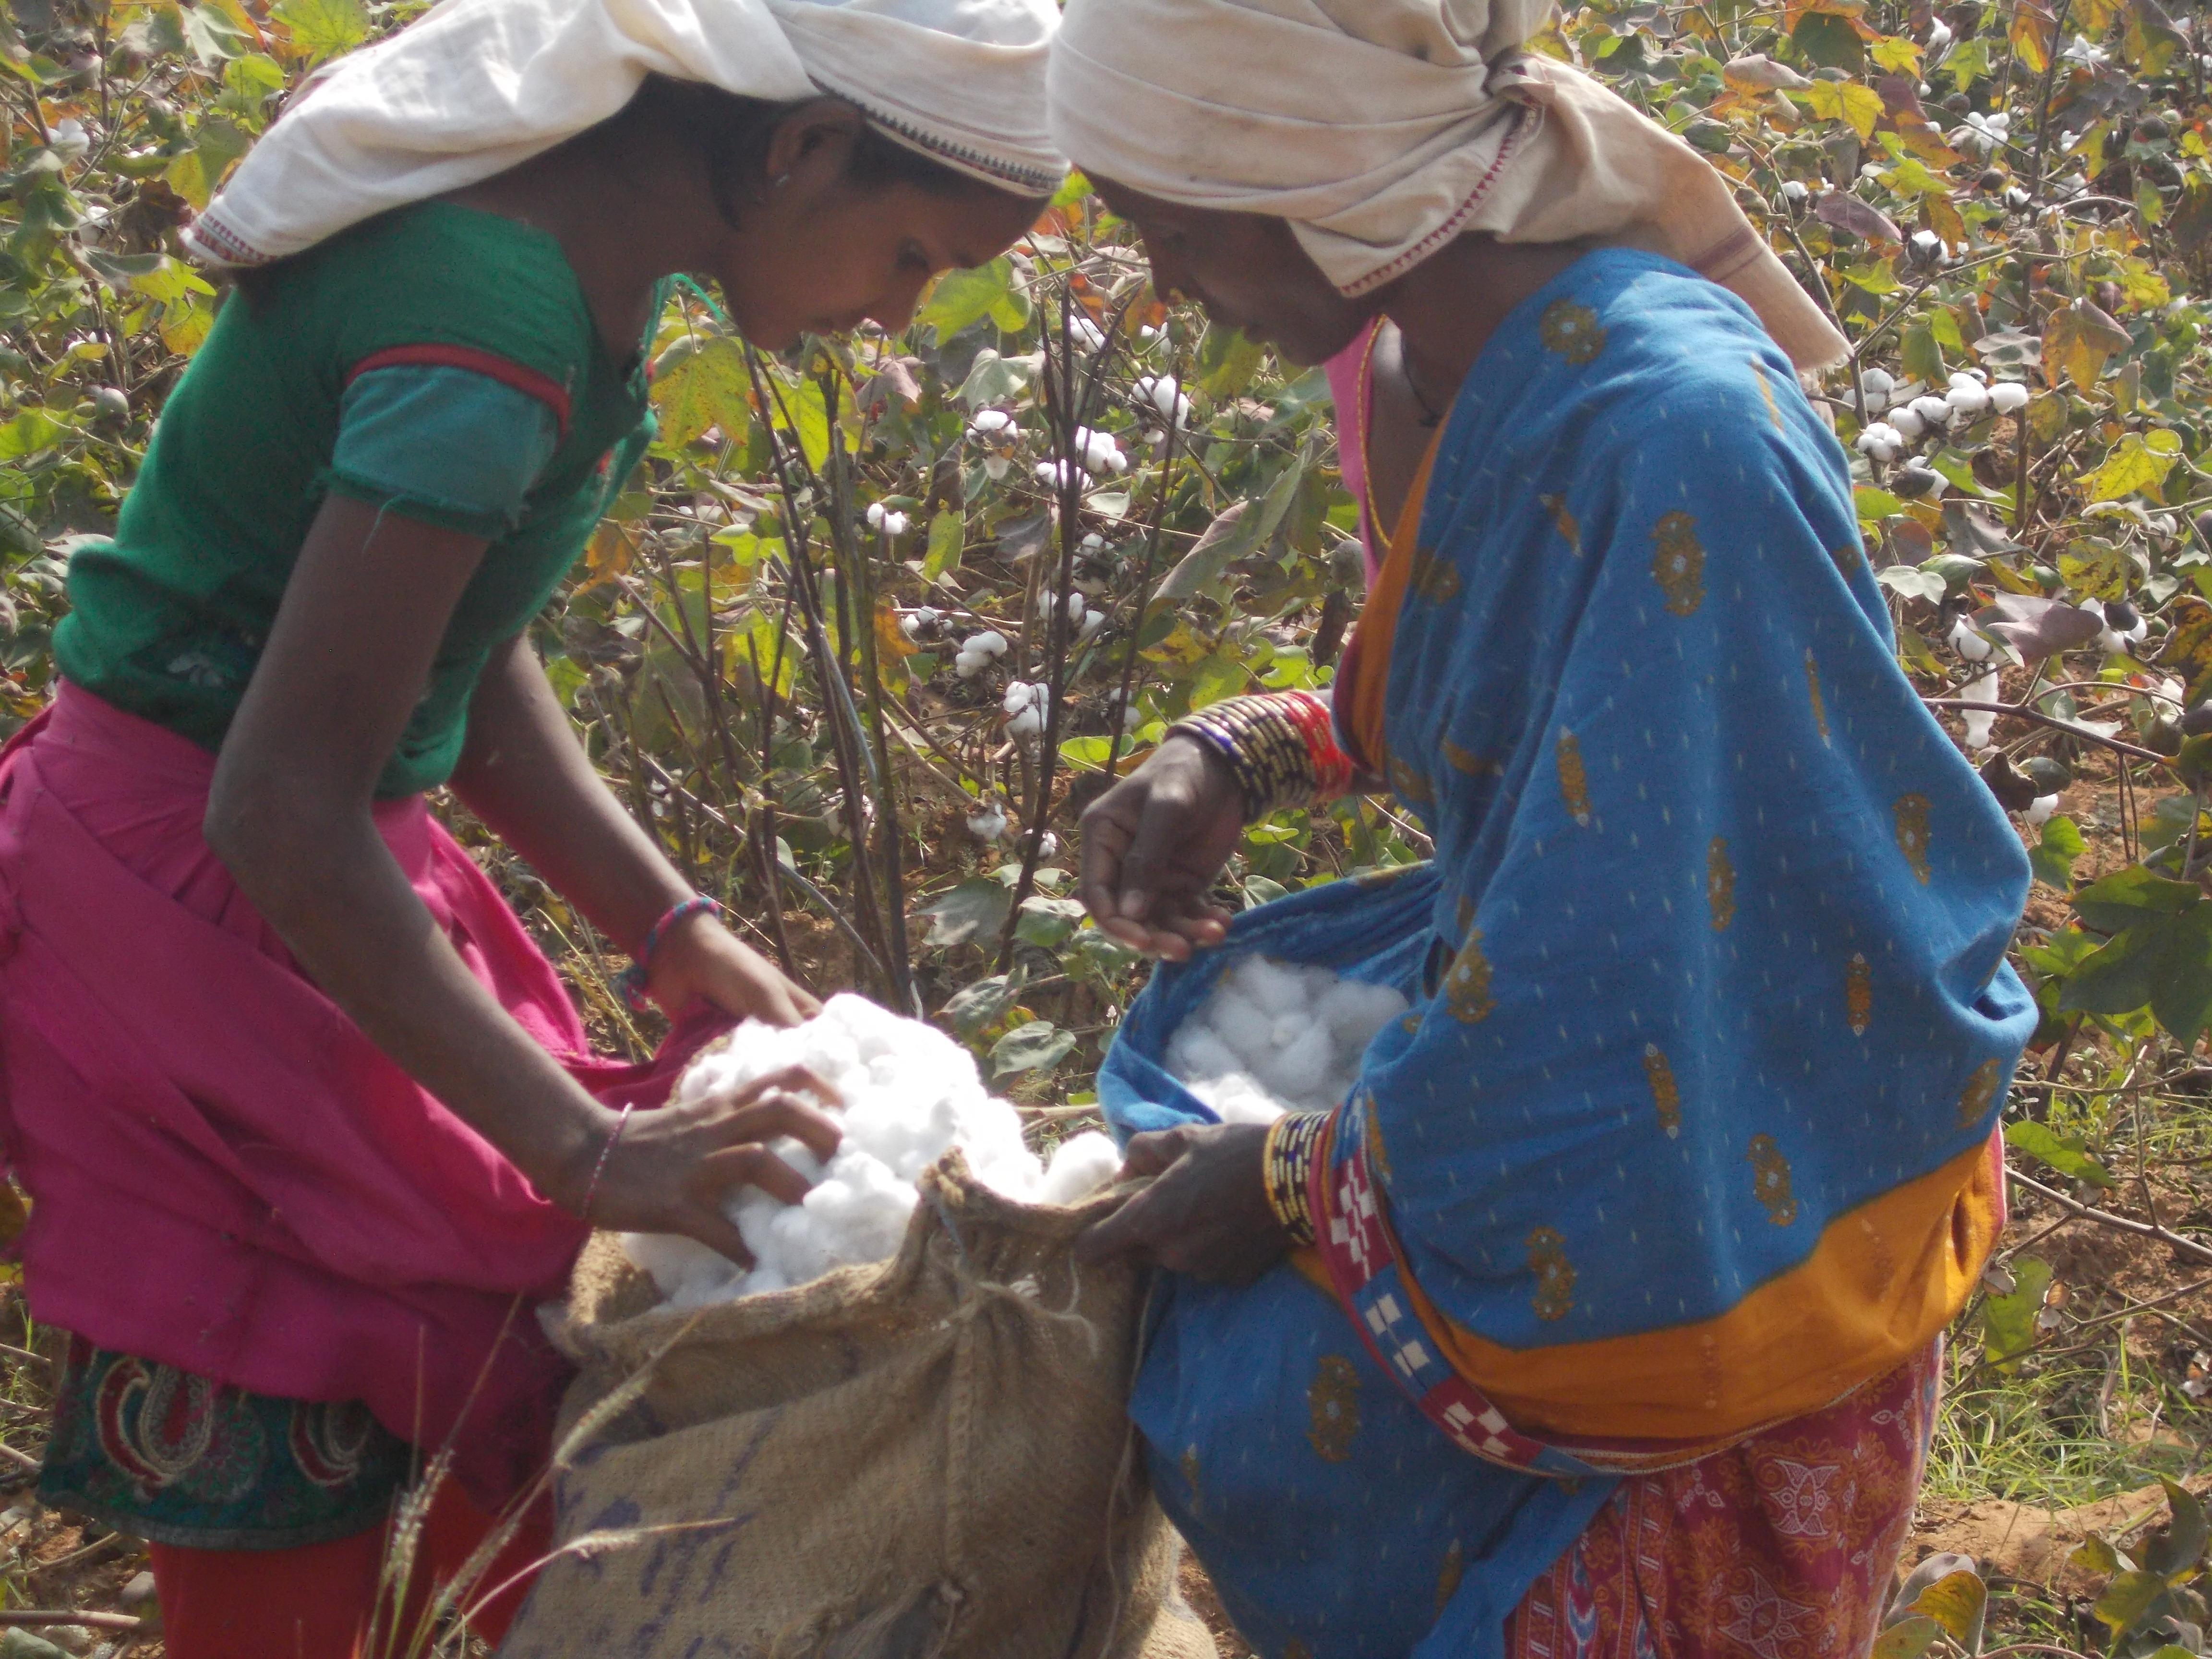 フェアトレードコットンの畑で収穫する女性